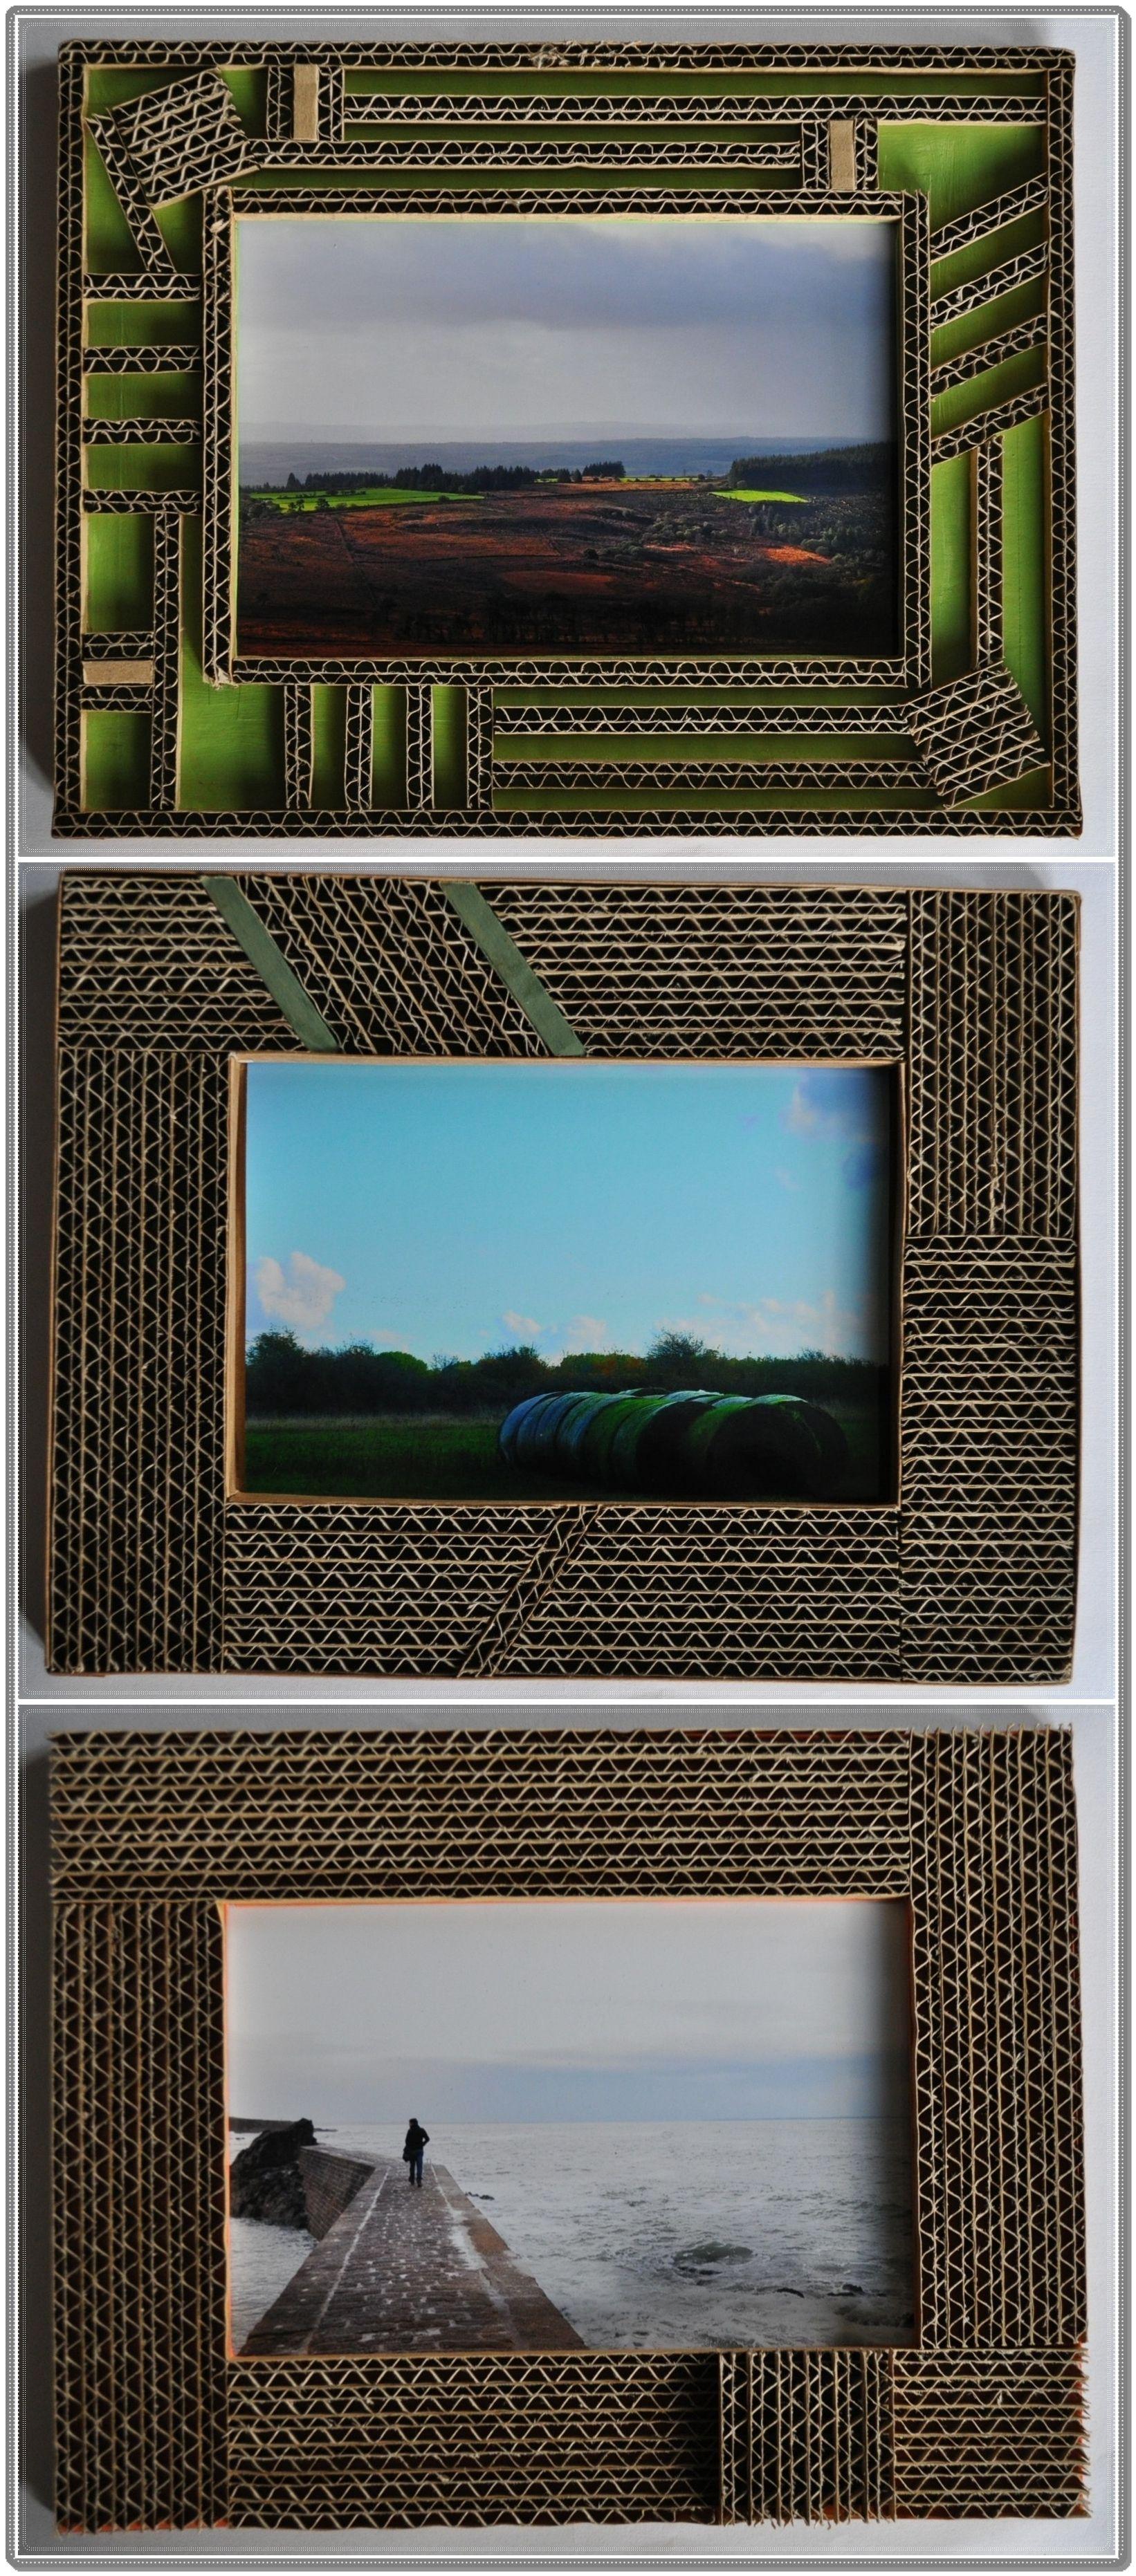 cadre en carton - dentelle #1 | bricolages | Pinterest ...